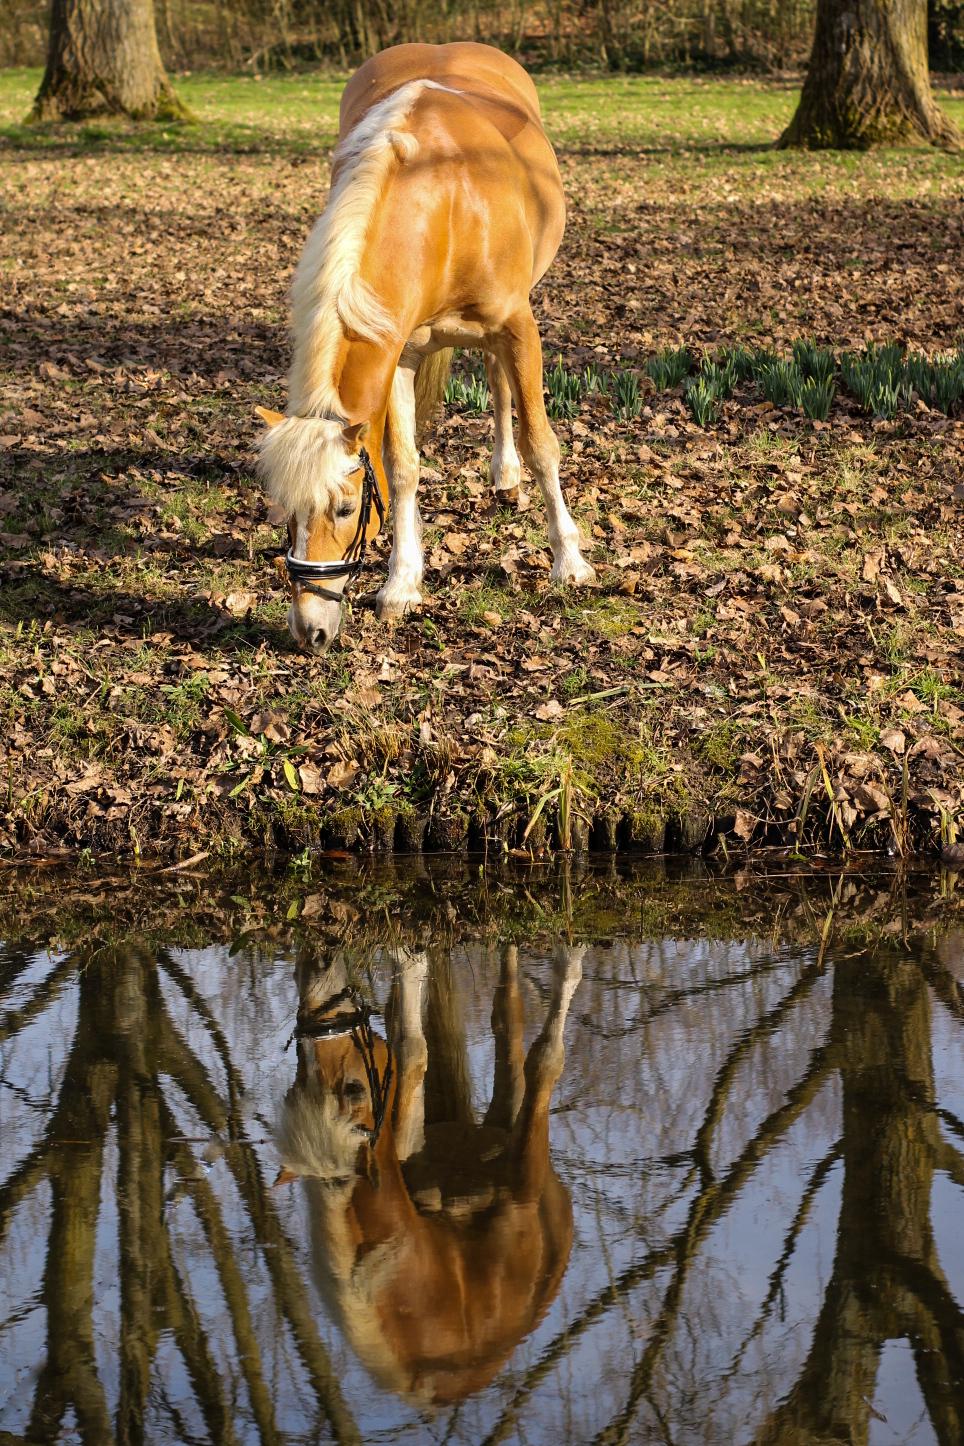 Reflectie van paard in het water - Reflectie van paard in het water - foto door Mirr91 op 26-02-2021